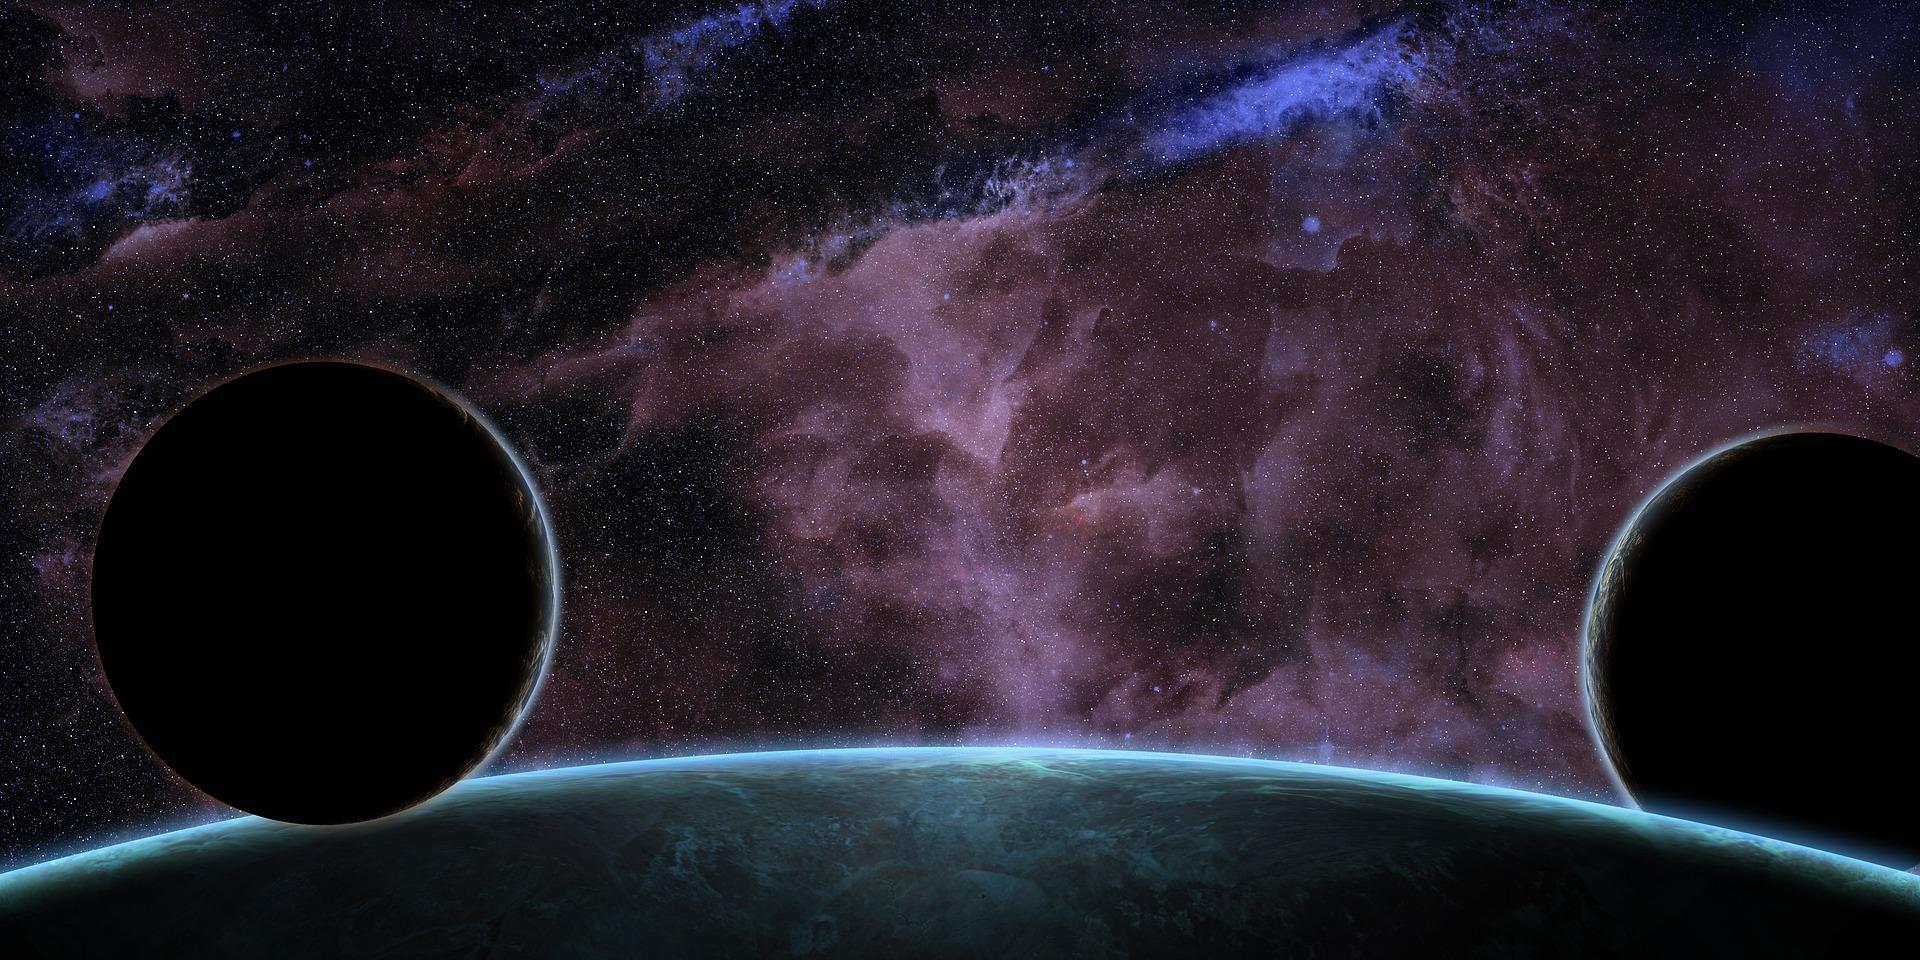 Intressanta saker om rymden